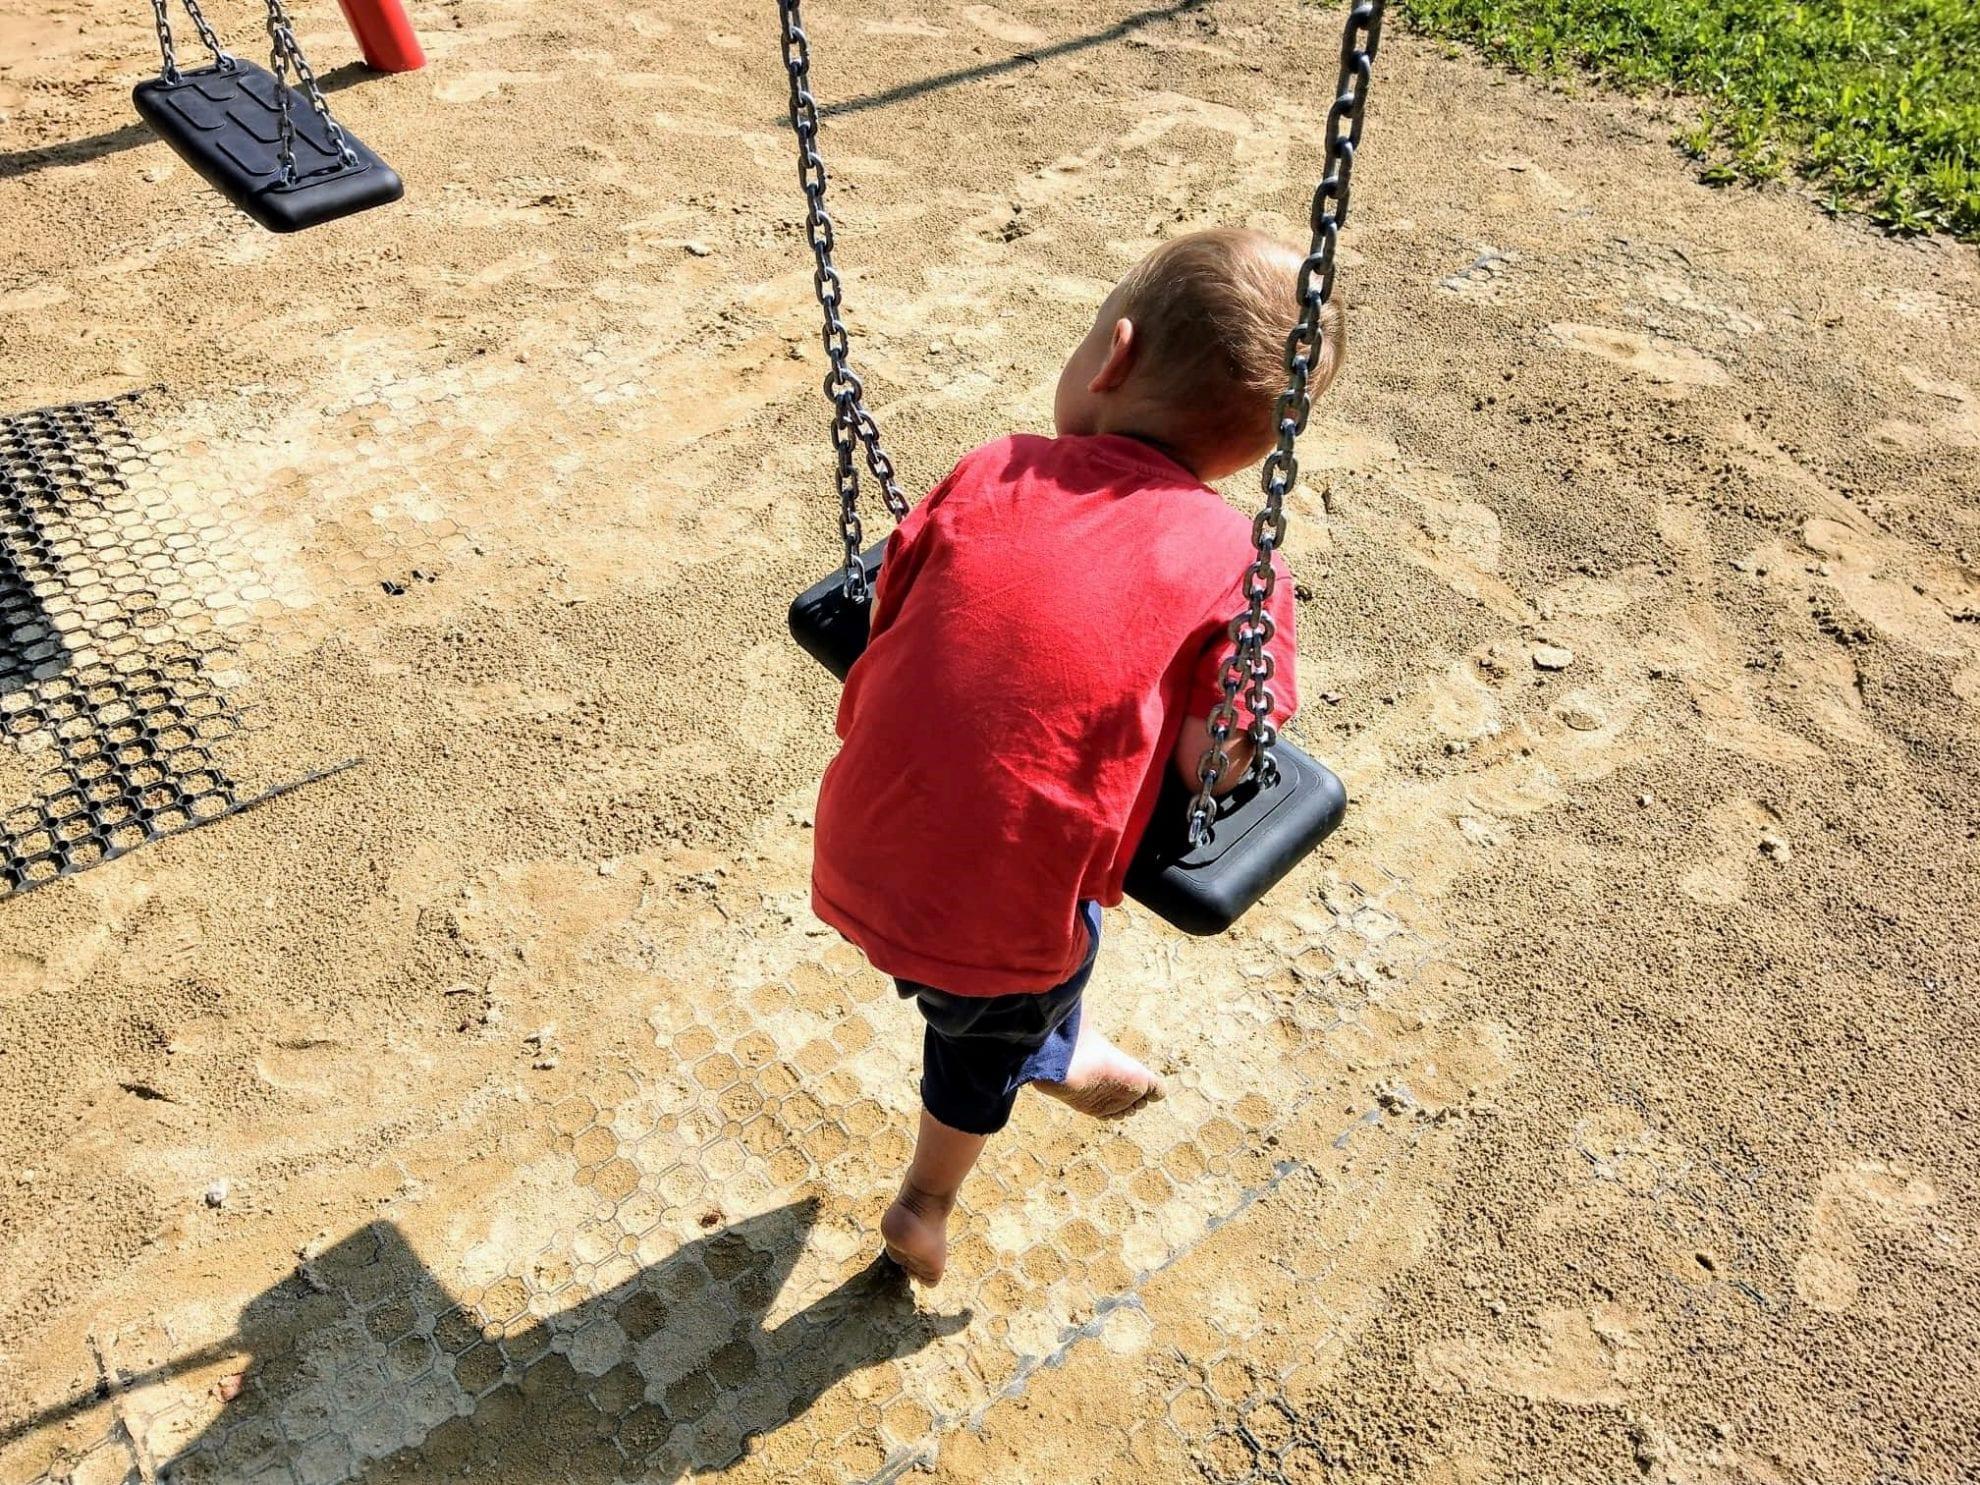 Kindern vertrauen und zutrauen. Gar nicht so einfach oder? Aber das kann man lernen. Vielleicht nur langsam, vielleicht nur Stück für Stück. Aber das Strahlen in den Augen der Kinder, wenn sie etwas selbst und ohne Hilfe erklommen haben, bestärkt.